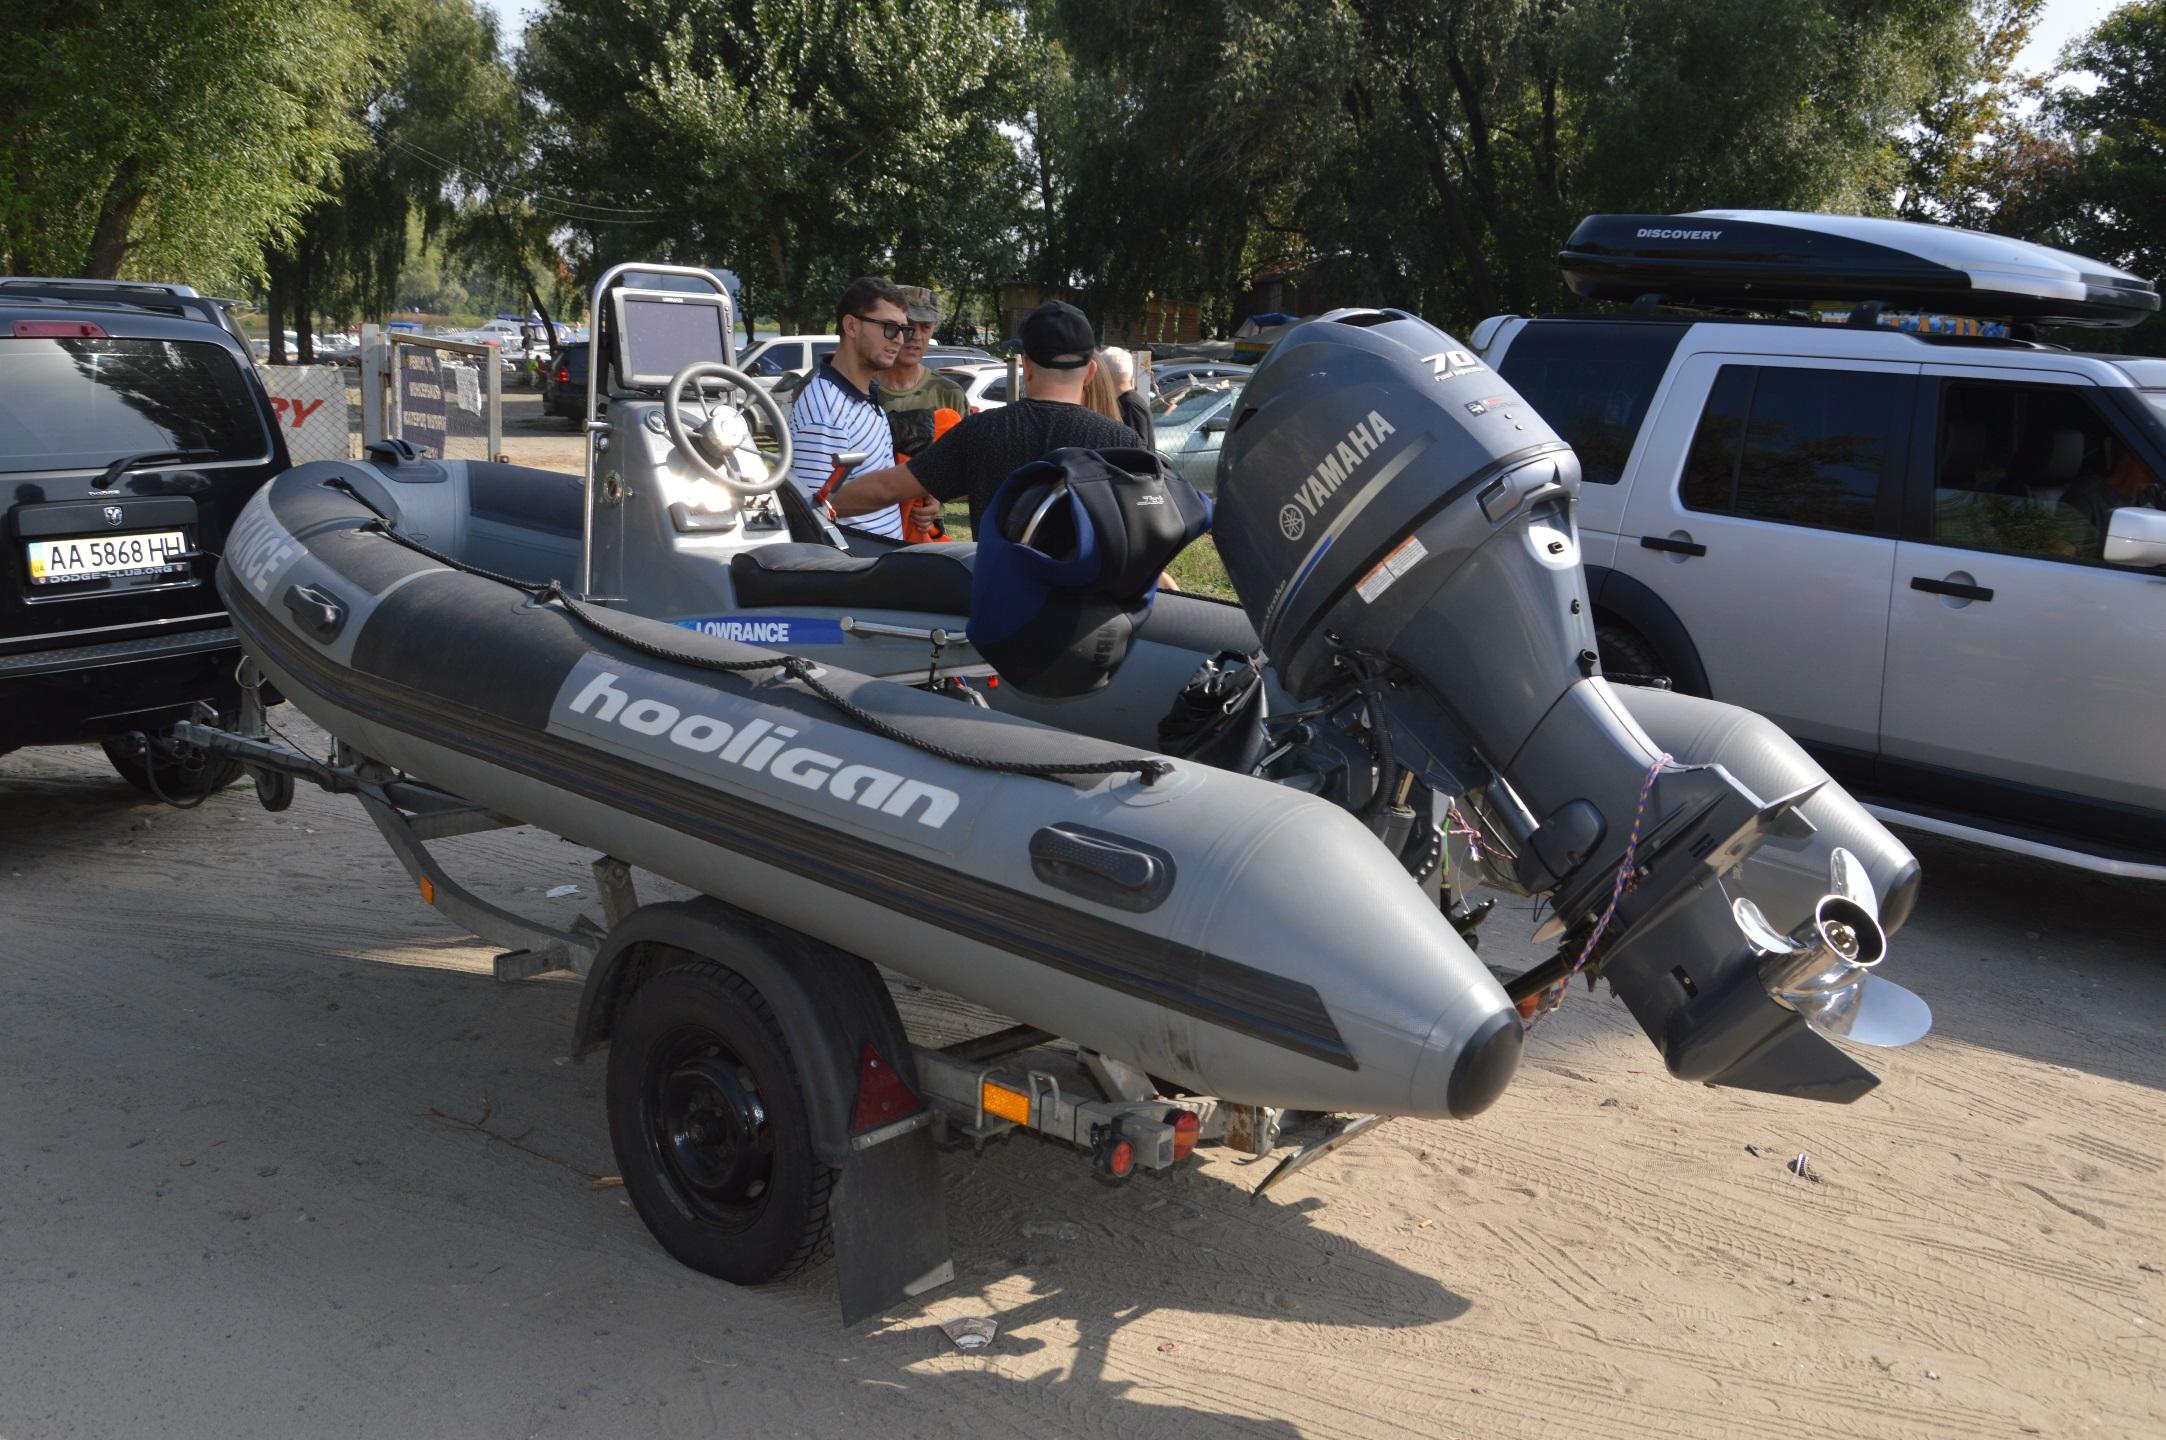 Nafukovací motorový člun RIB, Adventure V-380 Sport s lodním motorem Yamaha o výkonu 70 koní